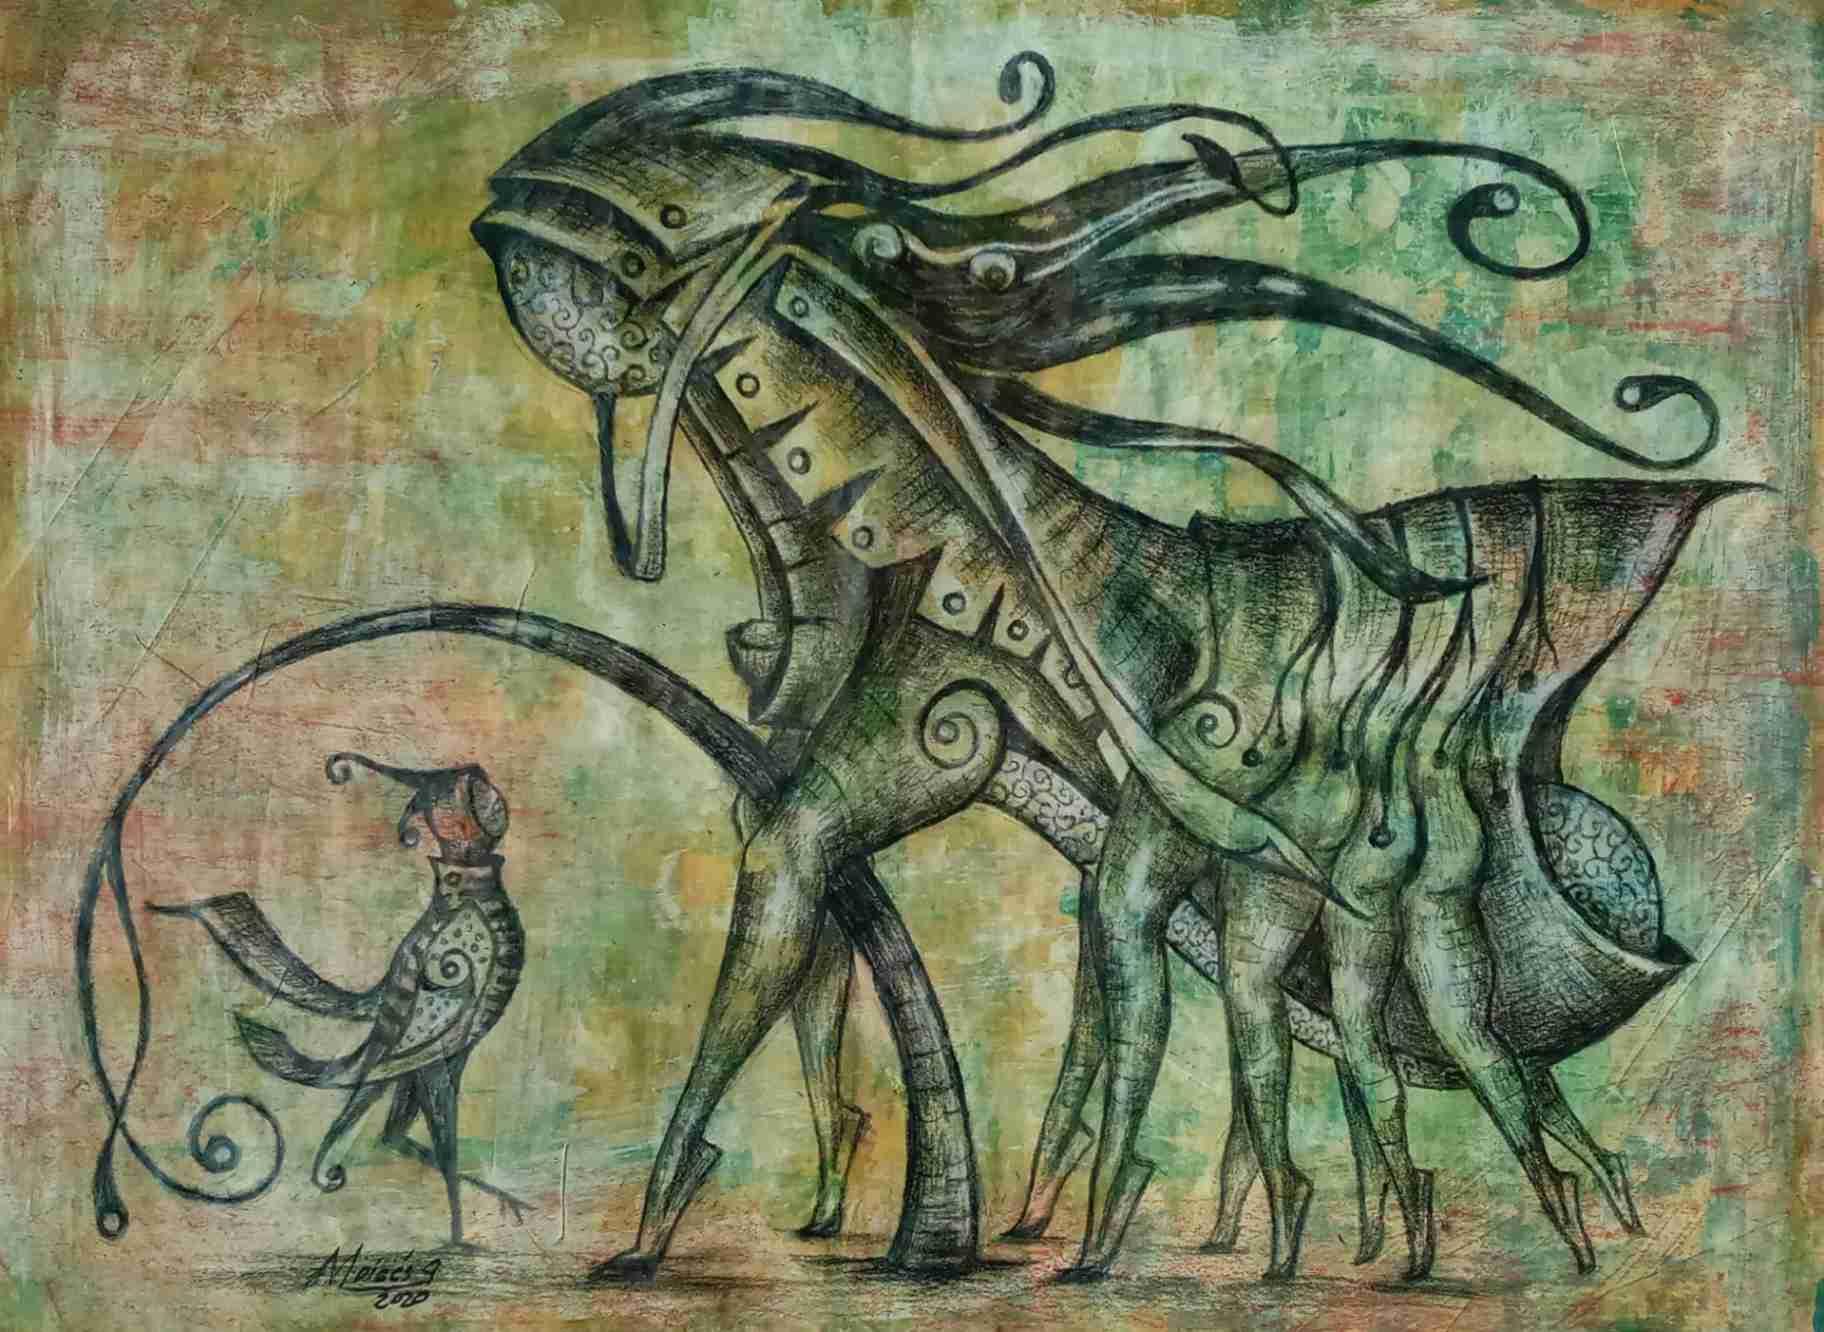 Obra: Fantasía #2